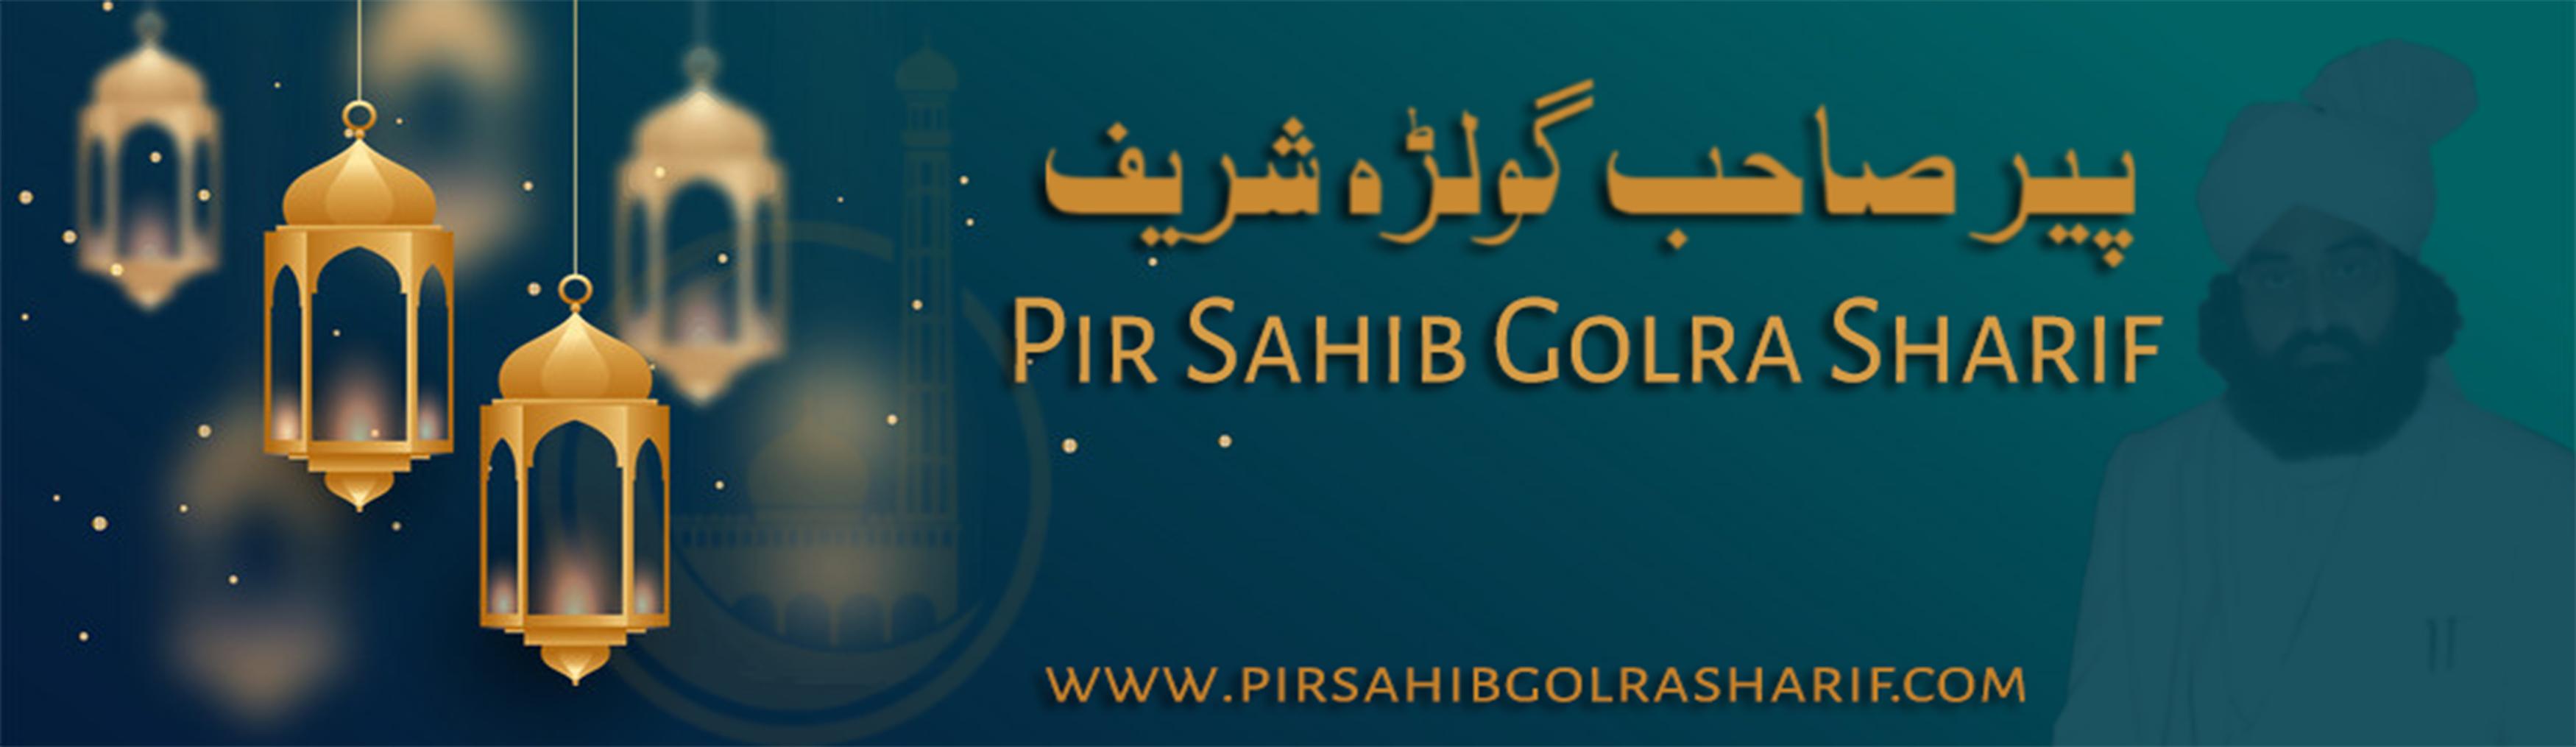 Pir Sahib Golra Sharif